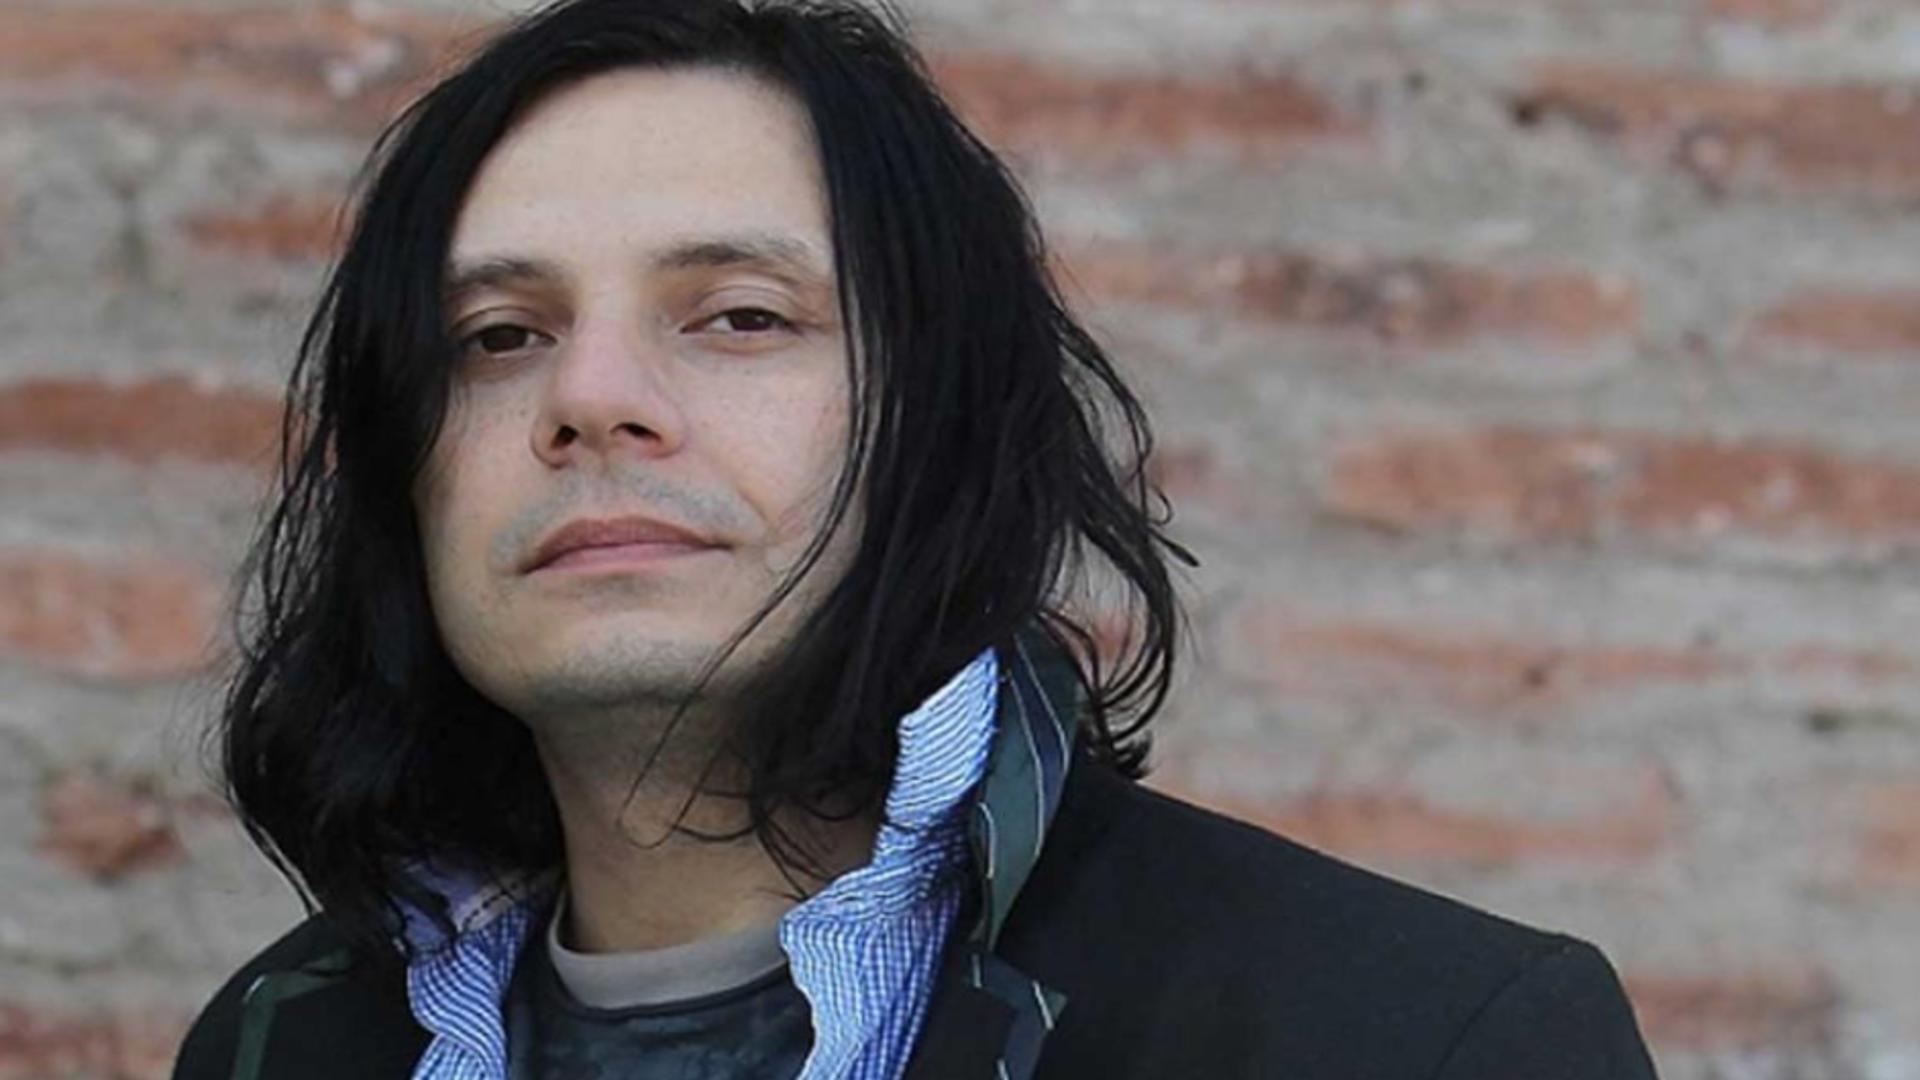 Músico argentino condenado a 22 anos de prisão por abuso sexual de menores